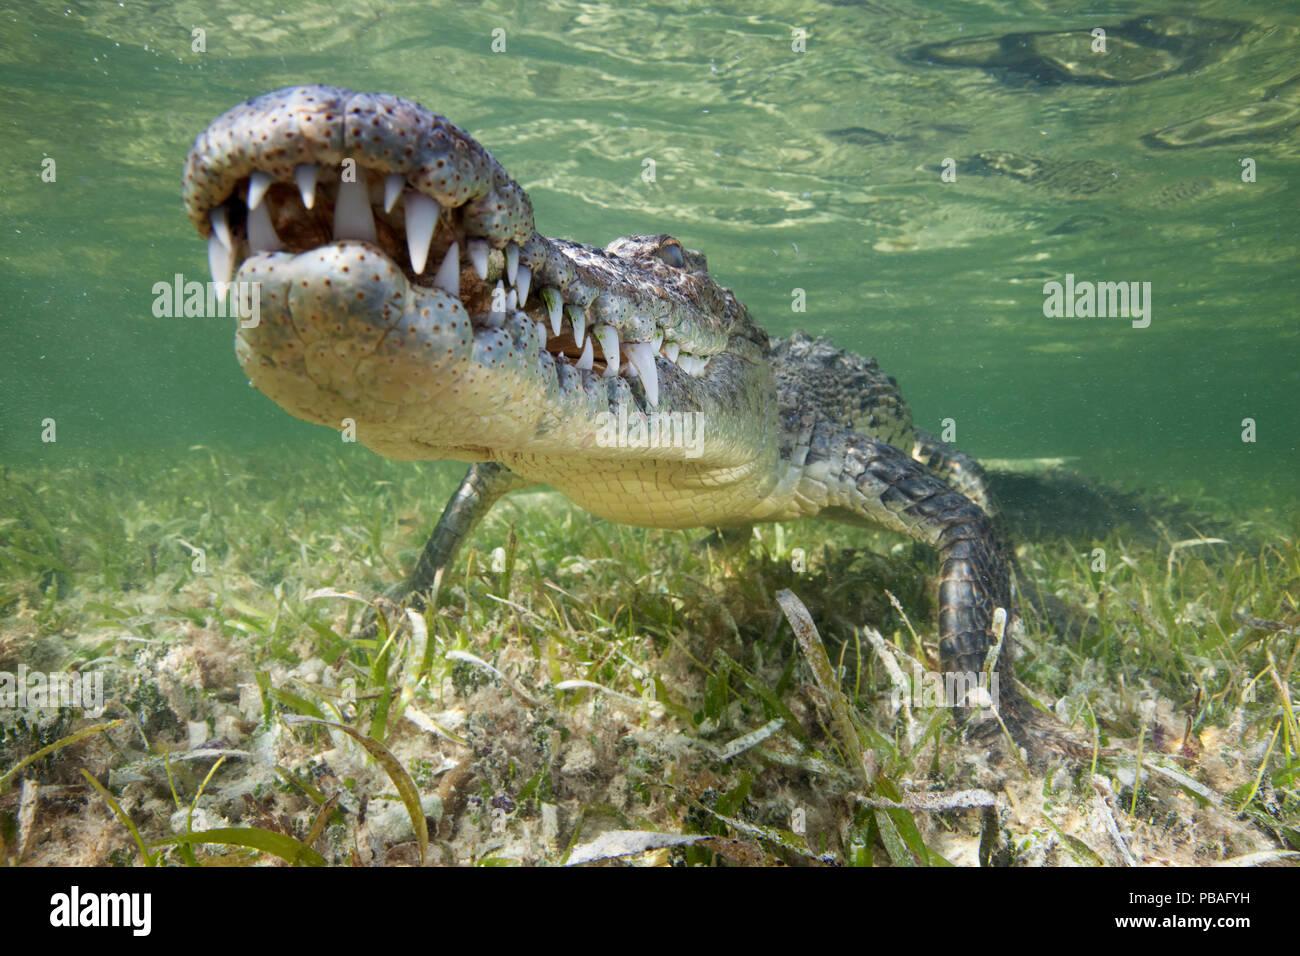 Crocodile (Crocodylus acutus) reposant juste au-dessus des herbiers sous l'eau, Réserve de biosphère Banco Chinchorro, Caraïbes, Mexique Banque D'Images